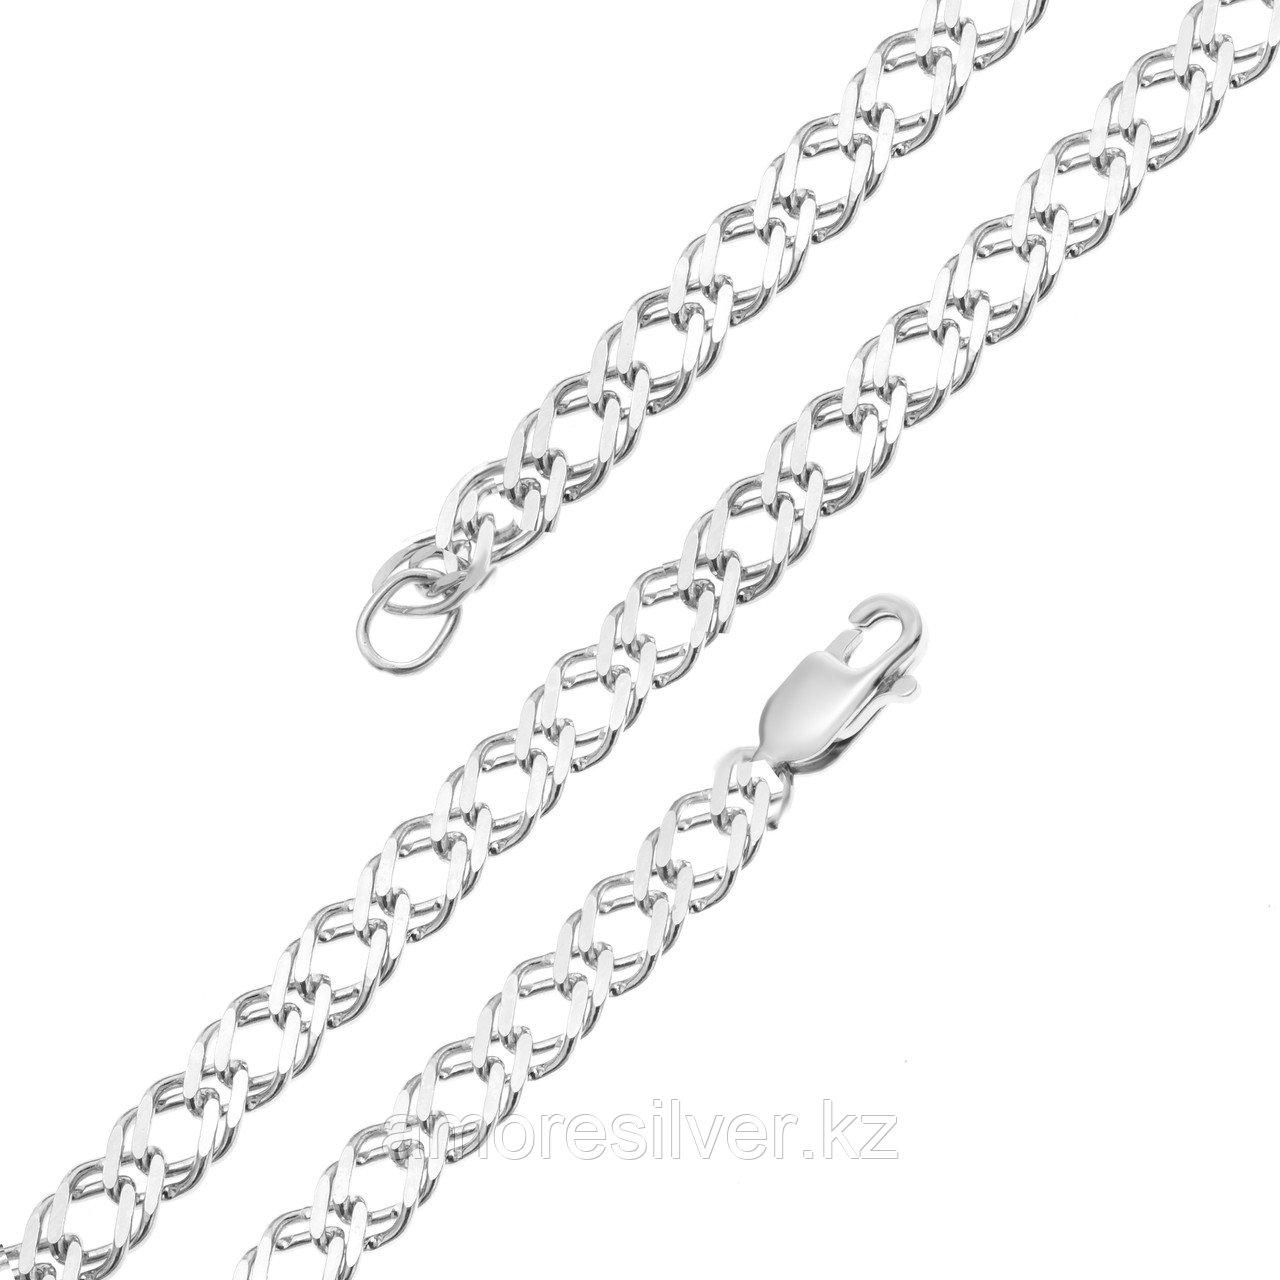 Браслет Красцветмет серебро с родием, без вставок, ромб двойной НБ 22-076-3-060 размеры - 18 19